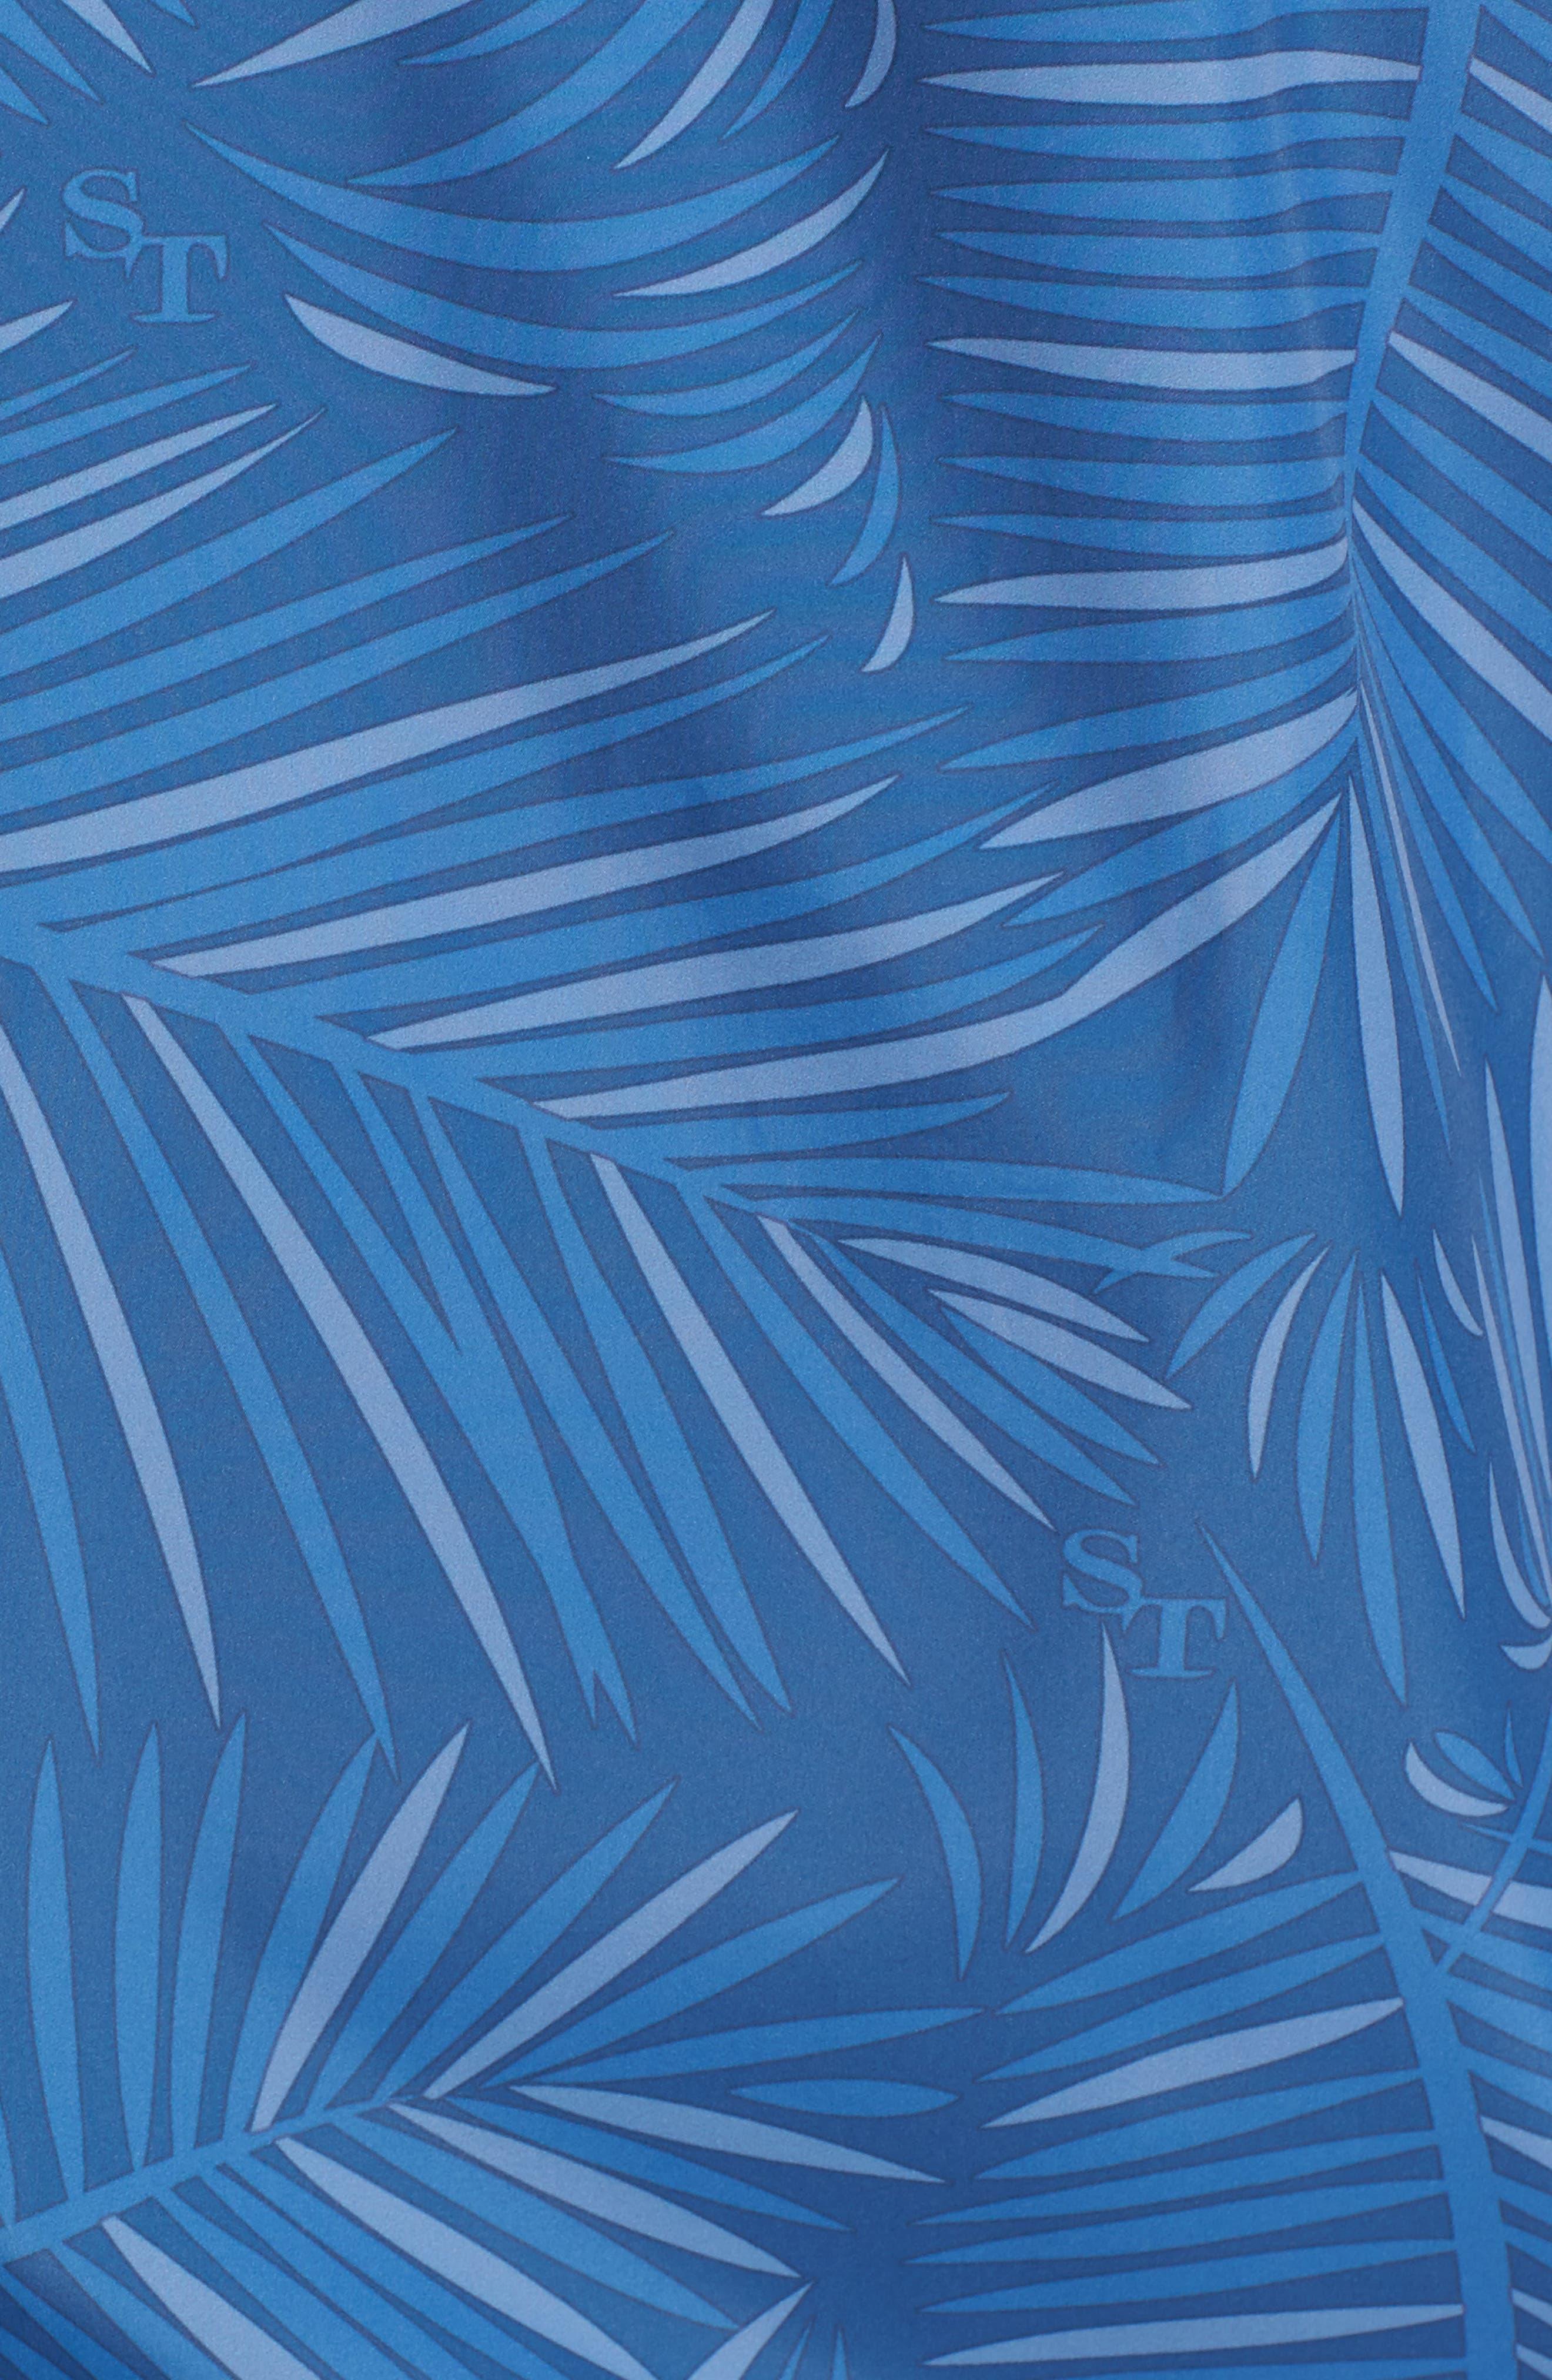 Pelican Peak Full Zip Hooded Jacket,                             Alternate thumbnail 6, color,